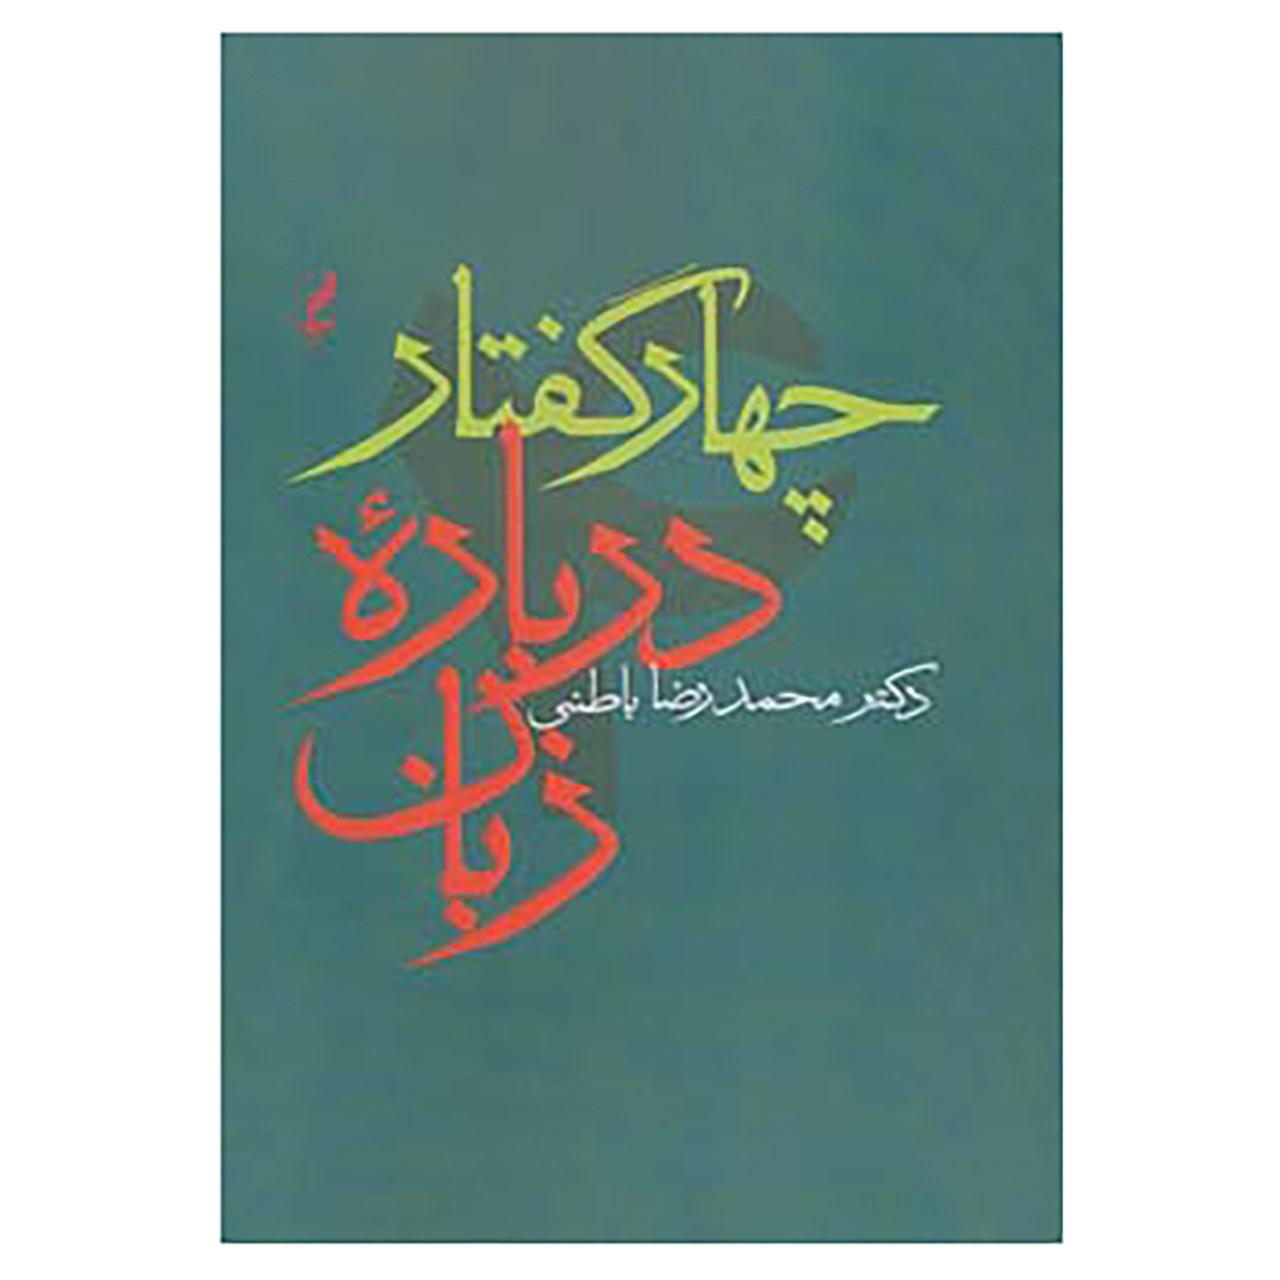 خرید                      کتاب چهار گفتار درباره زبان اثر محمدرضا باطنی